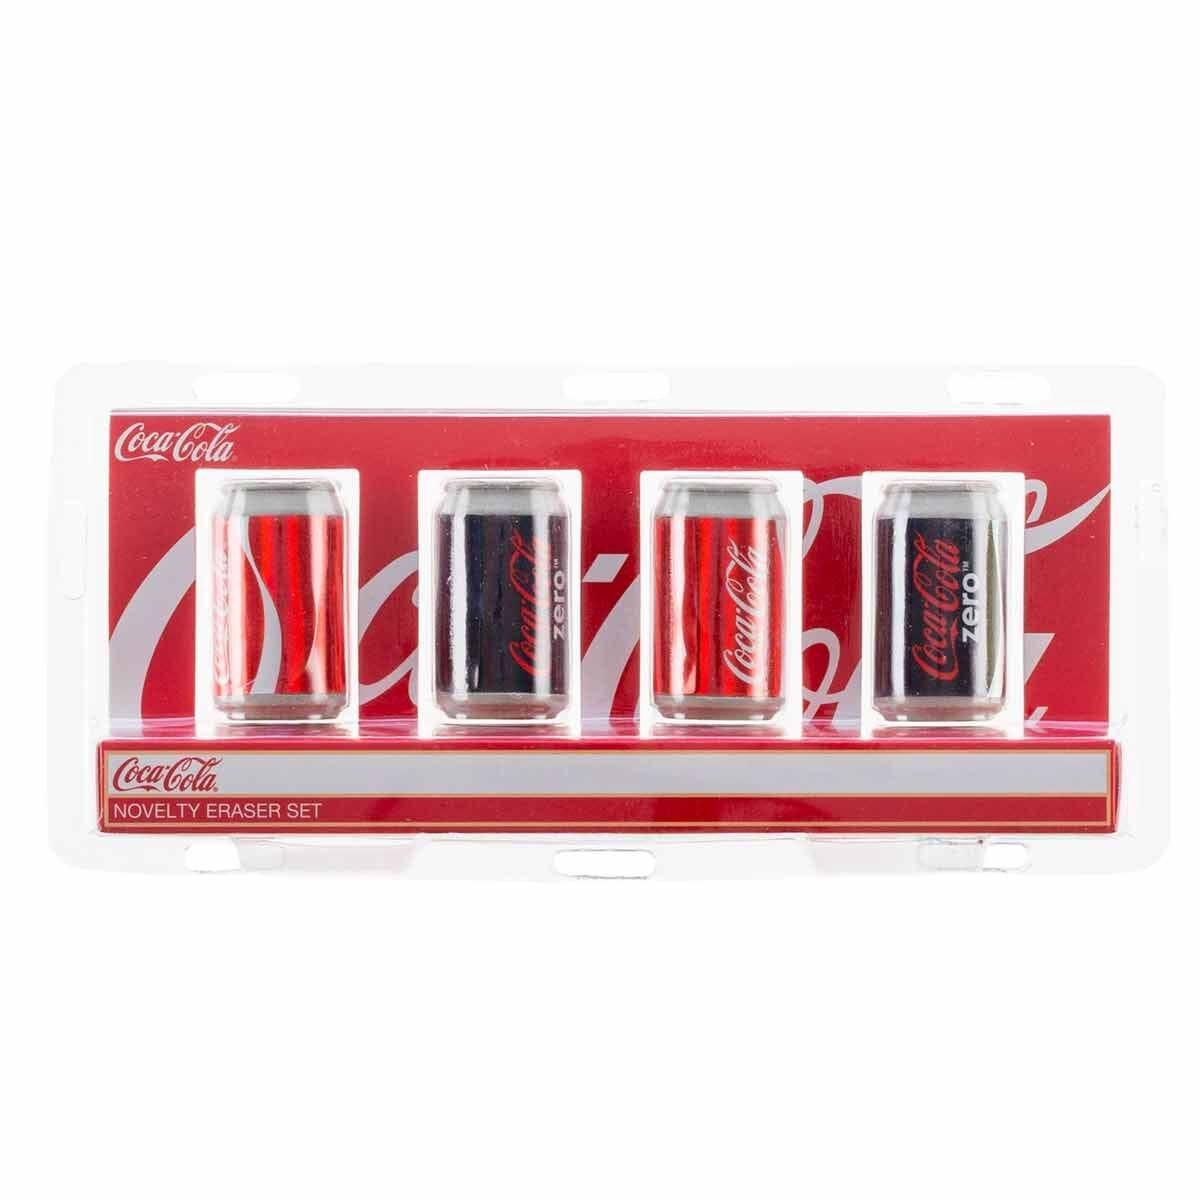 Coke Novelty Eraser Cans Set of 4